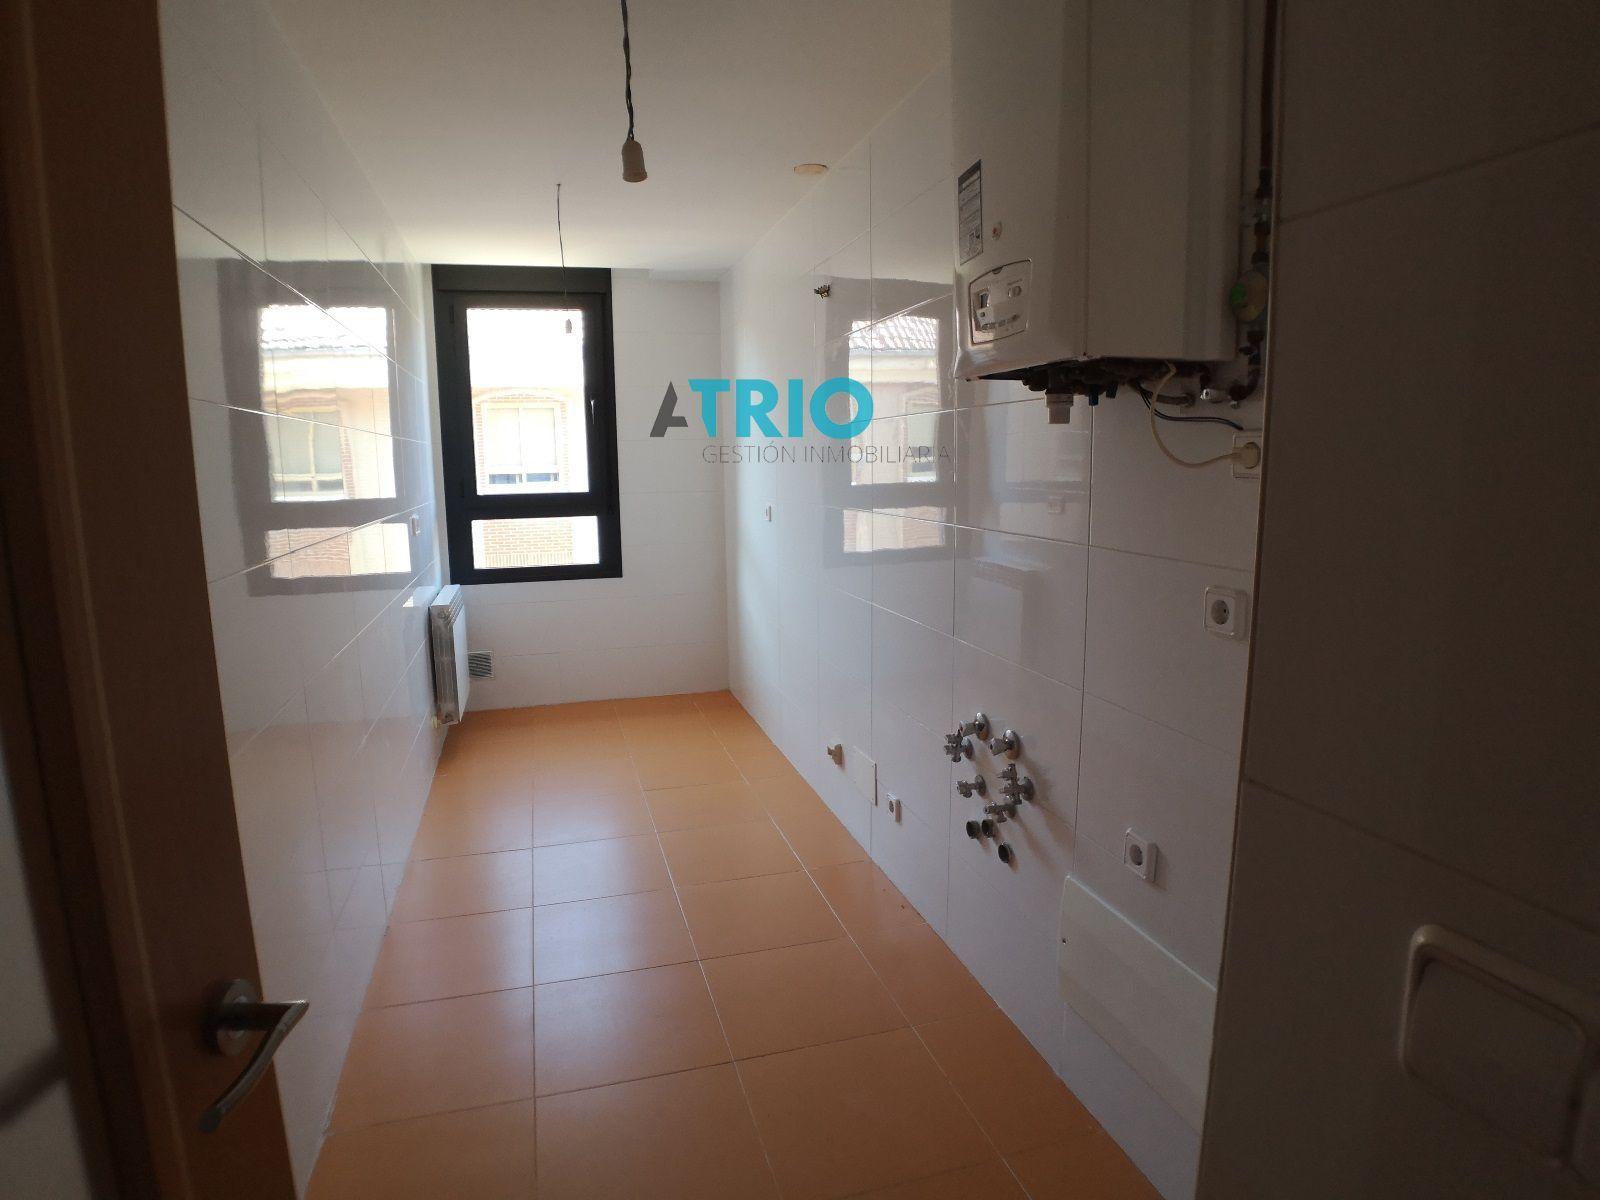 dia.mobiliagestion.es/Portals/inmoatrio/Images/6910/5056750